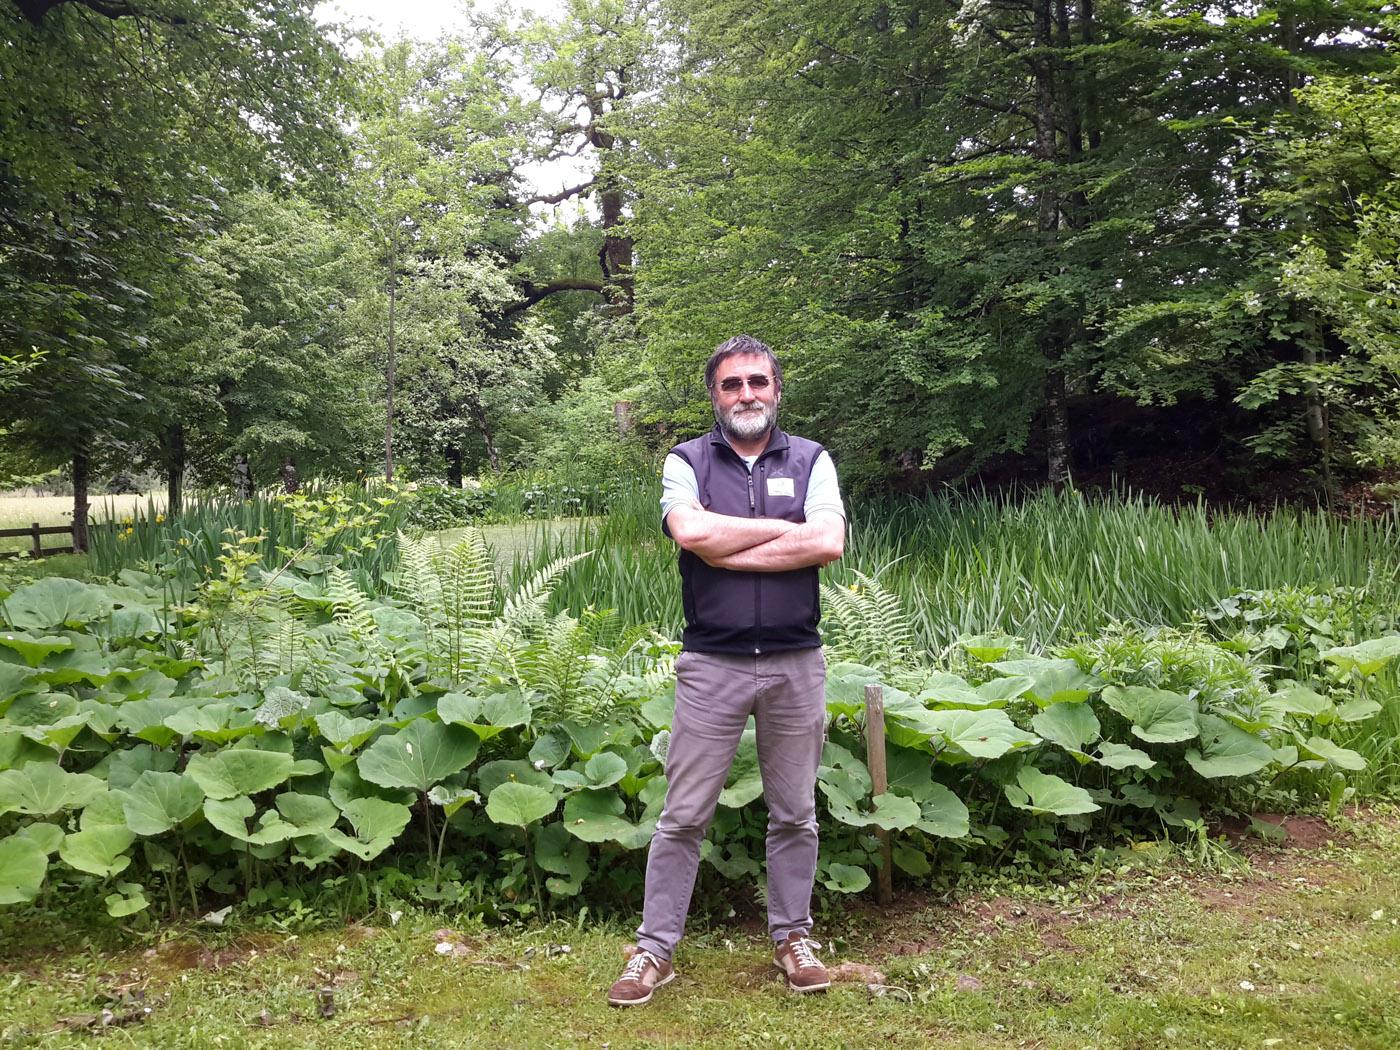 VIttorio Ducoli Direttore del Parco Naturale Paneveggio Pale di San Martino